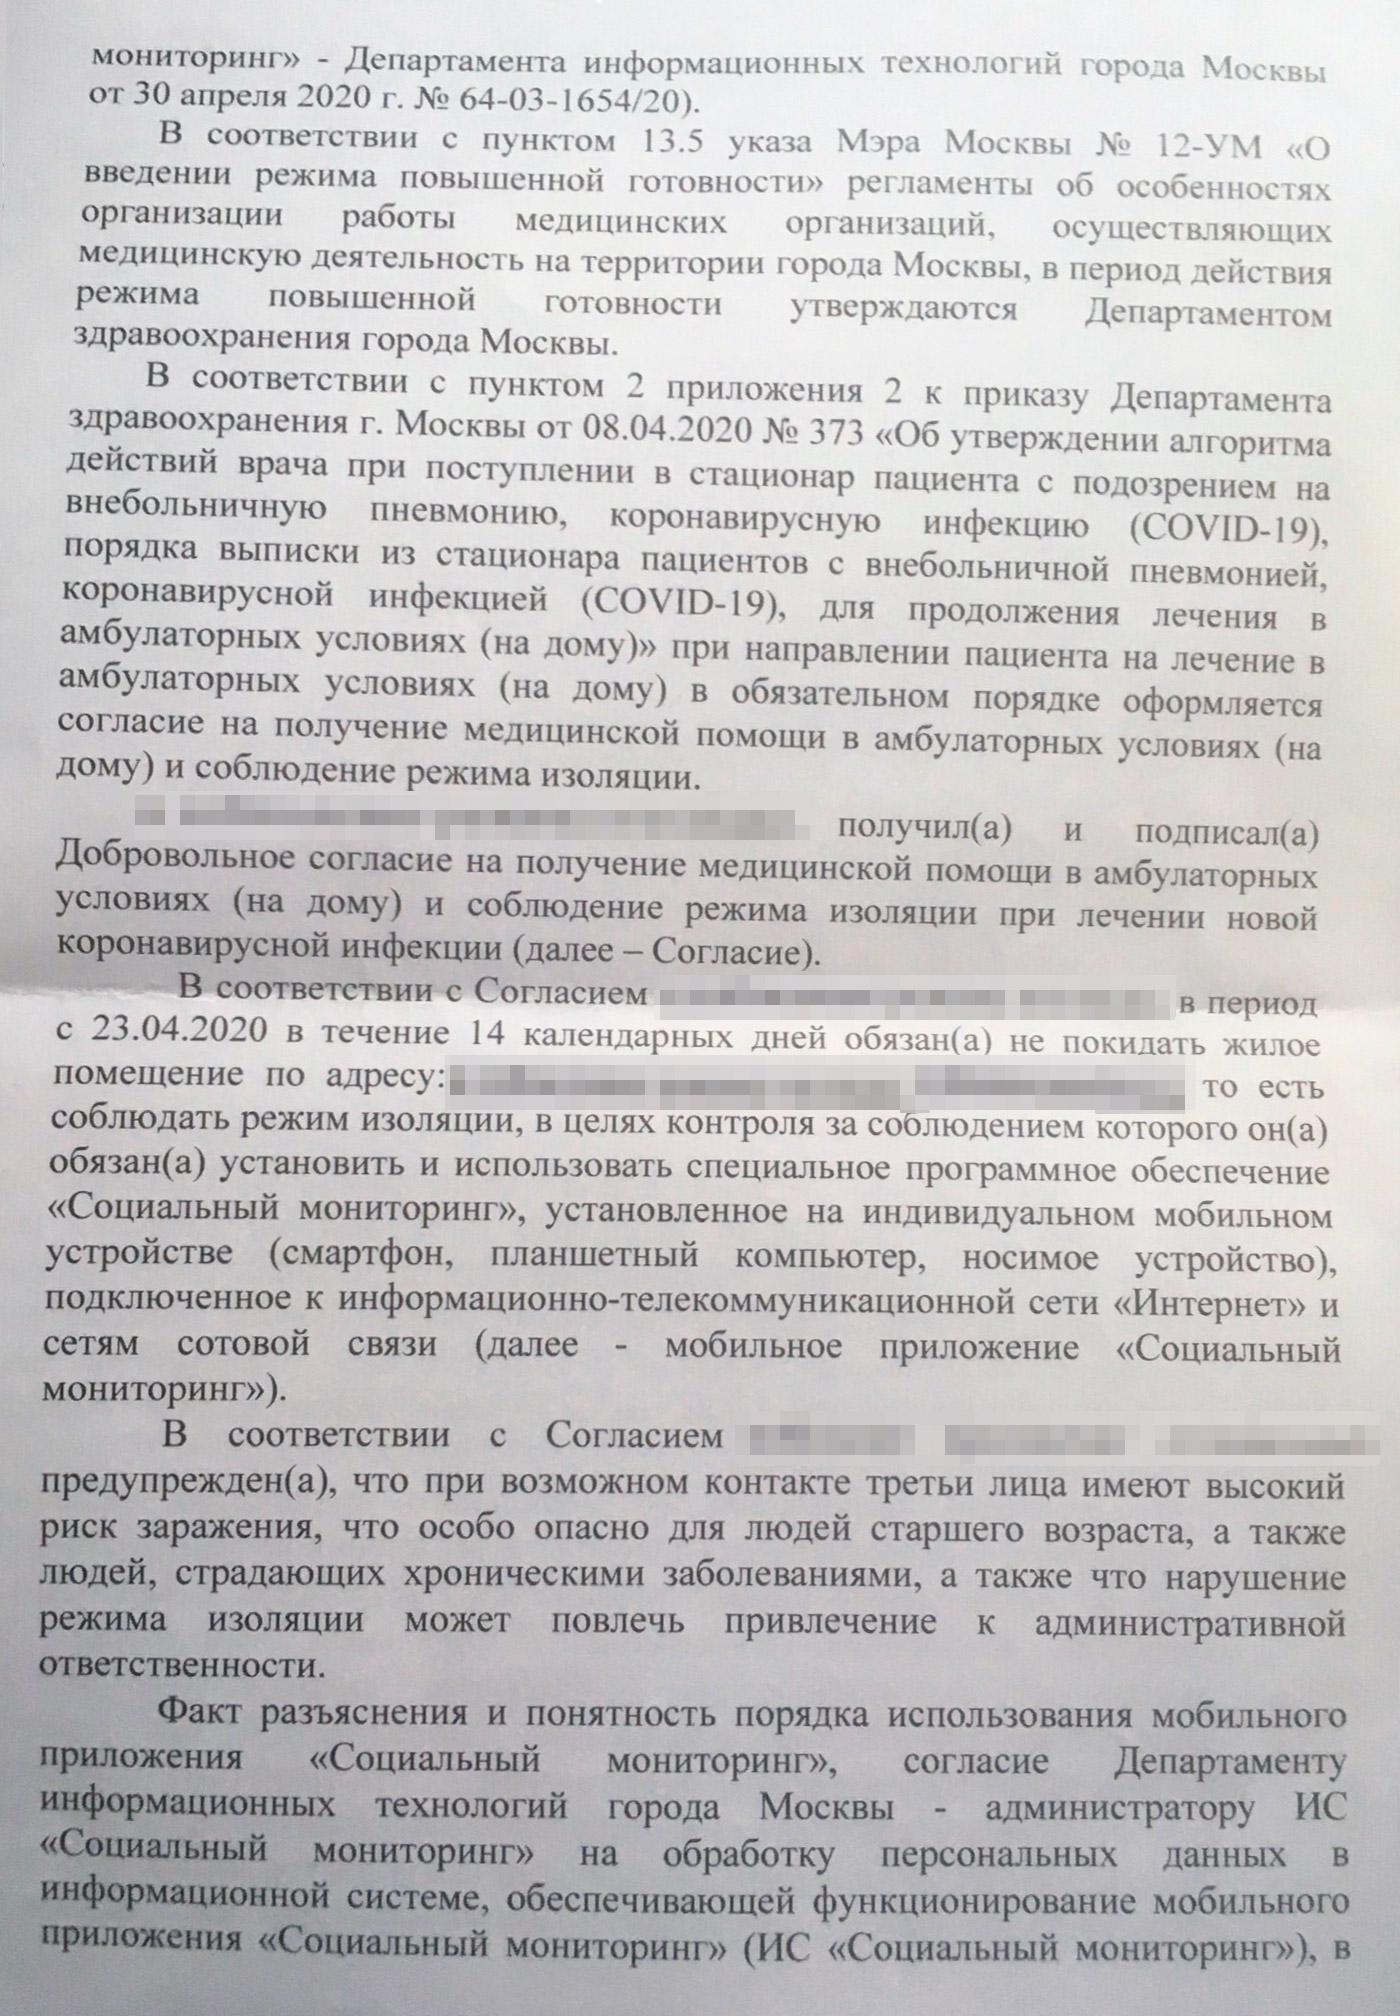 Не сфотографировали себя вовремя на фронтальную камеру смартфона — получите штраф! Источник: pikabu.ru